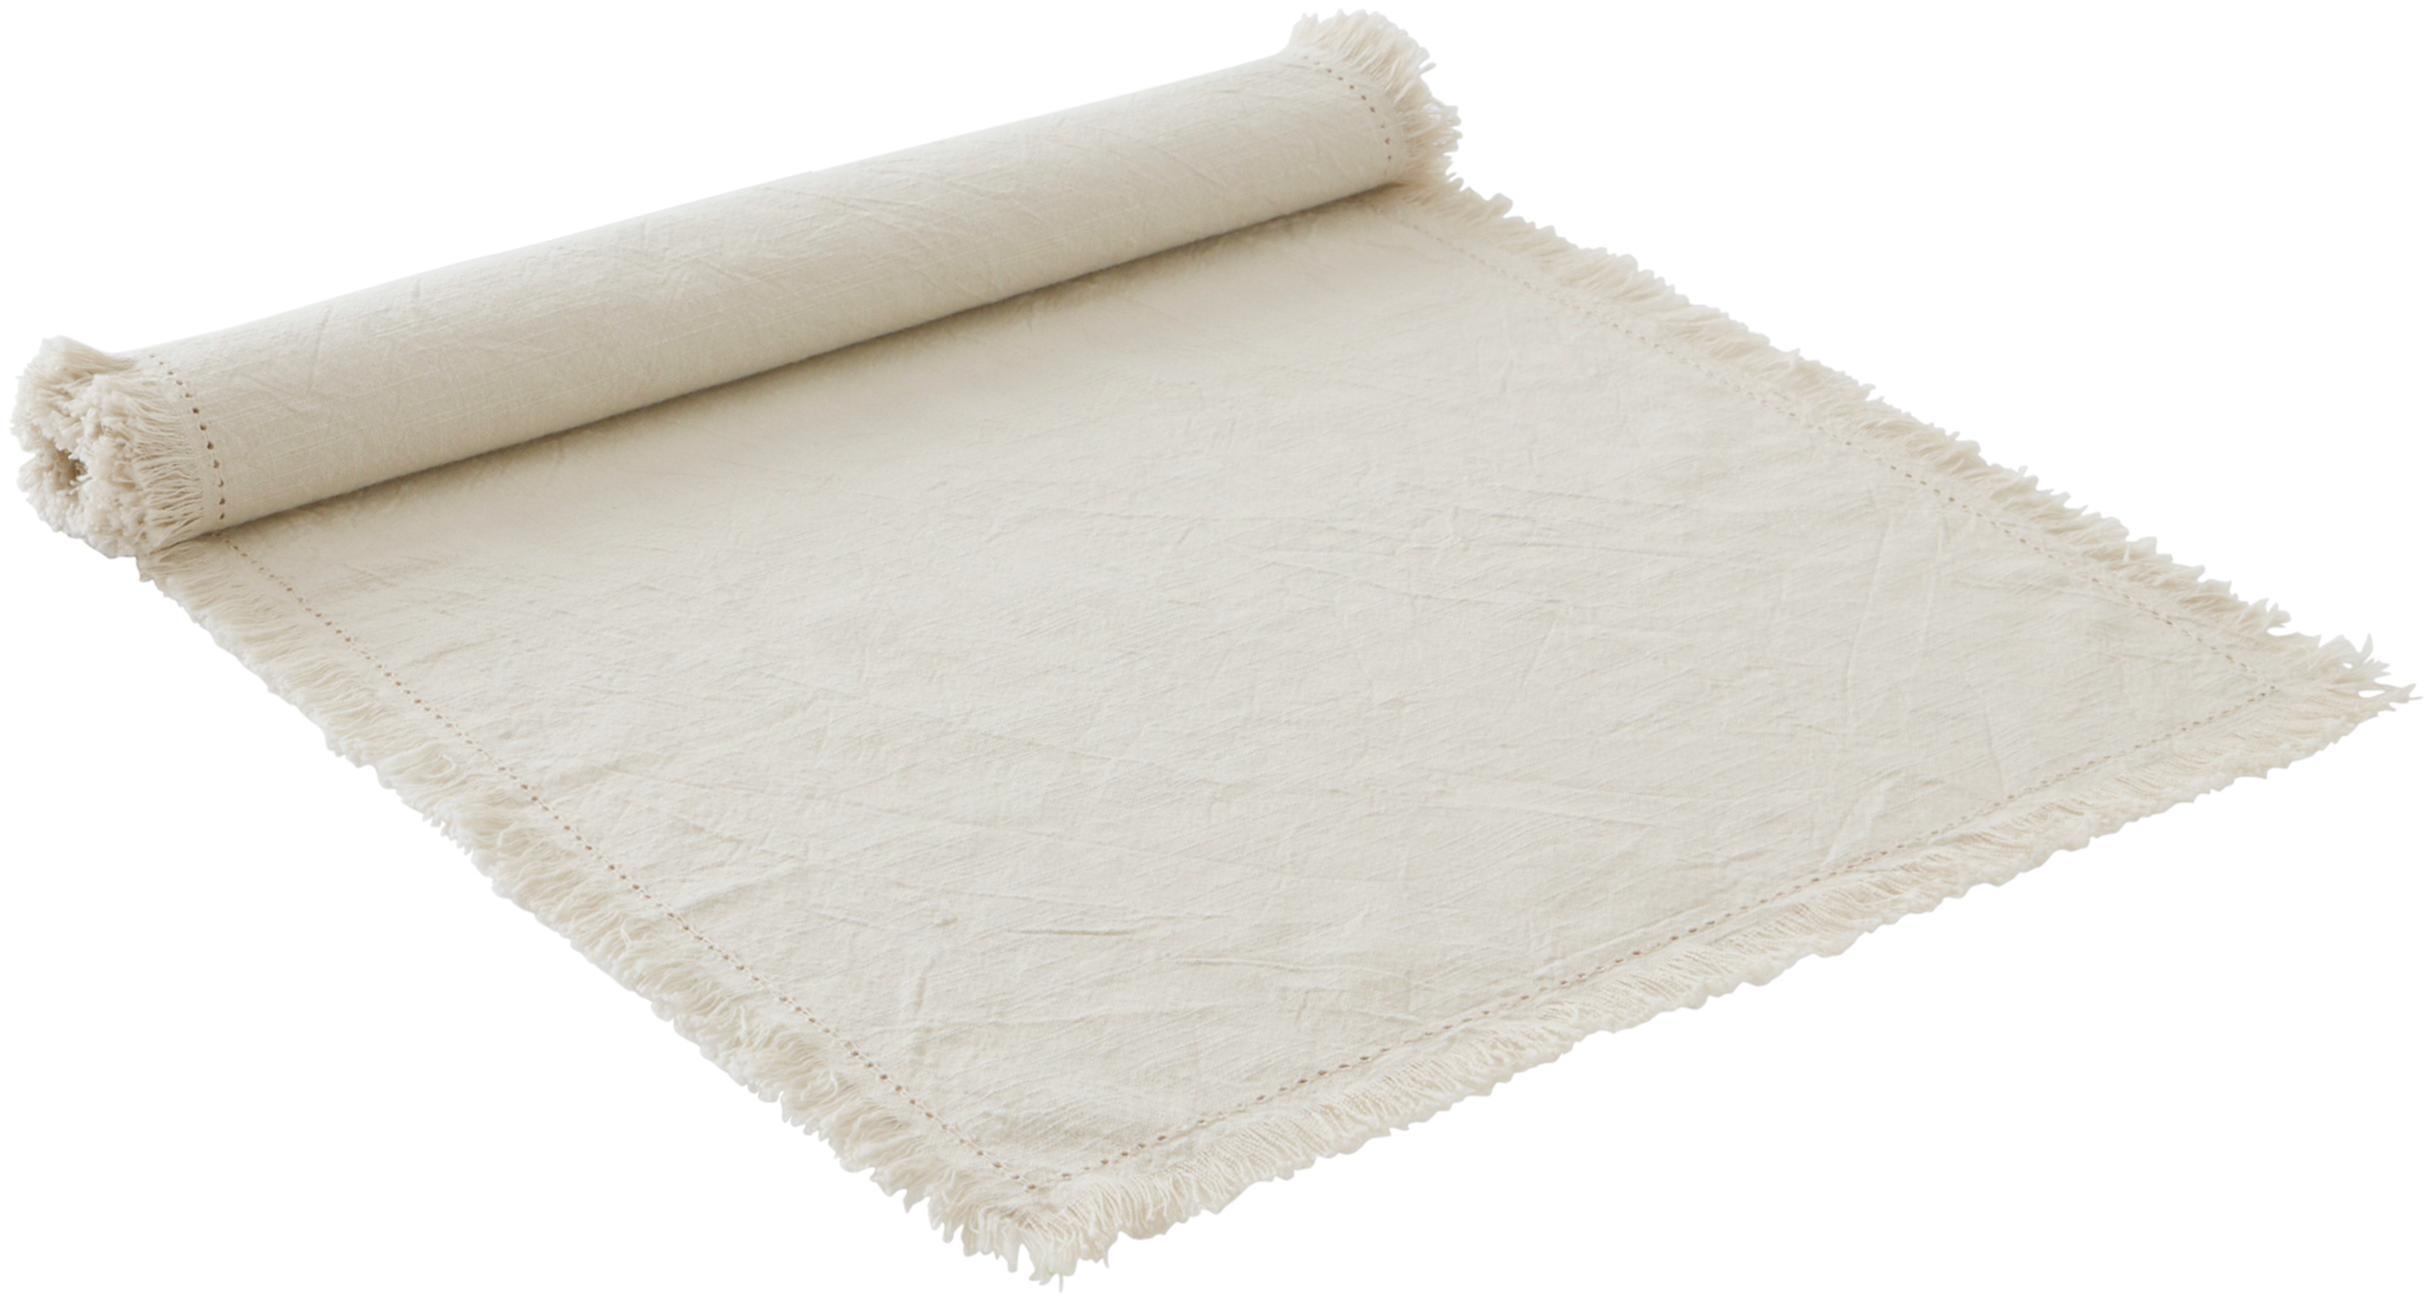 Tischläufer Hilma, 100% Baumwolle, Beige, 40 x 140 cm